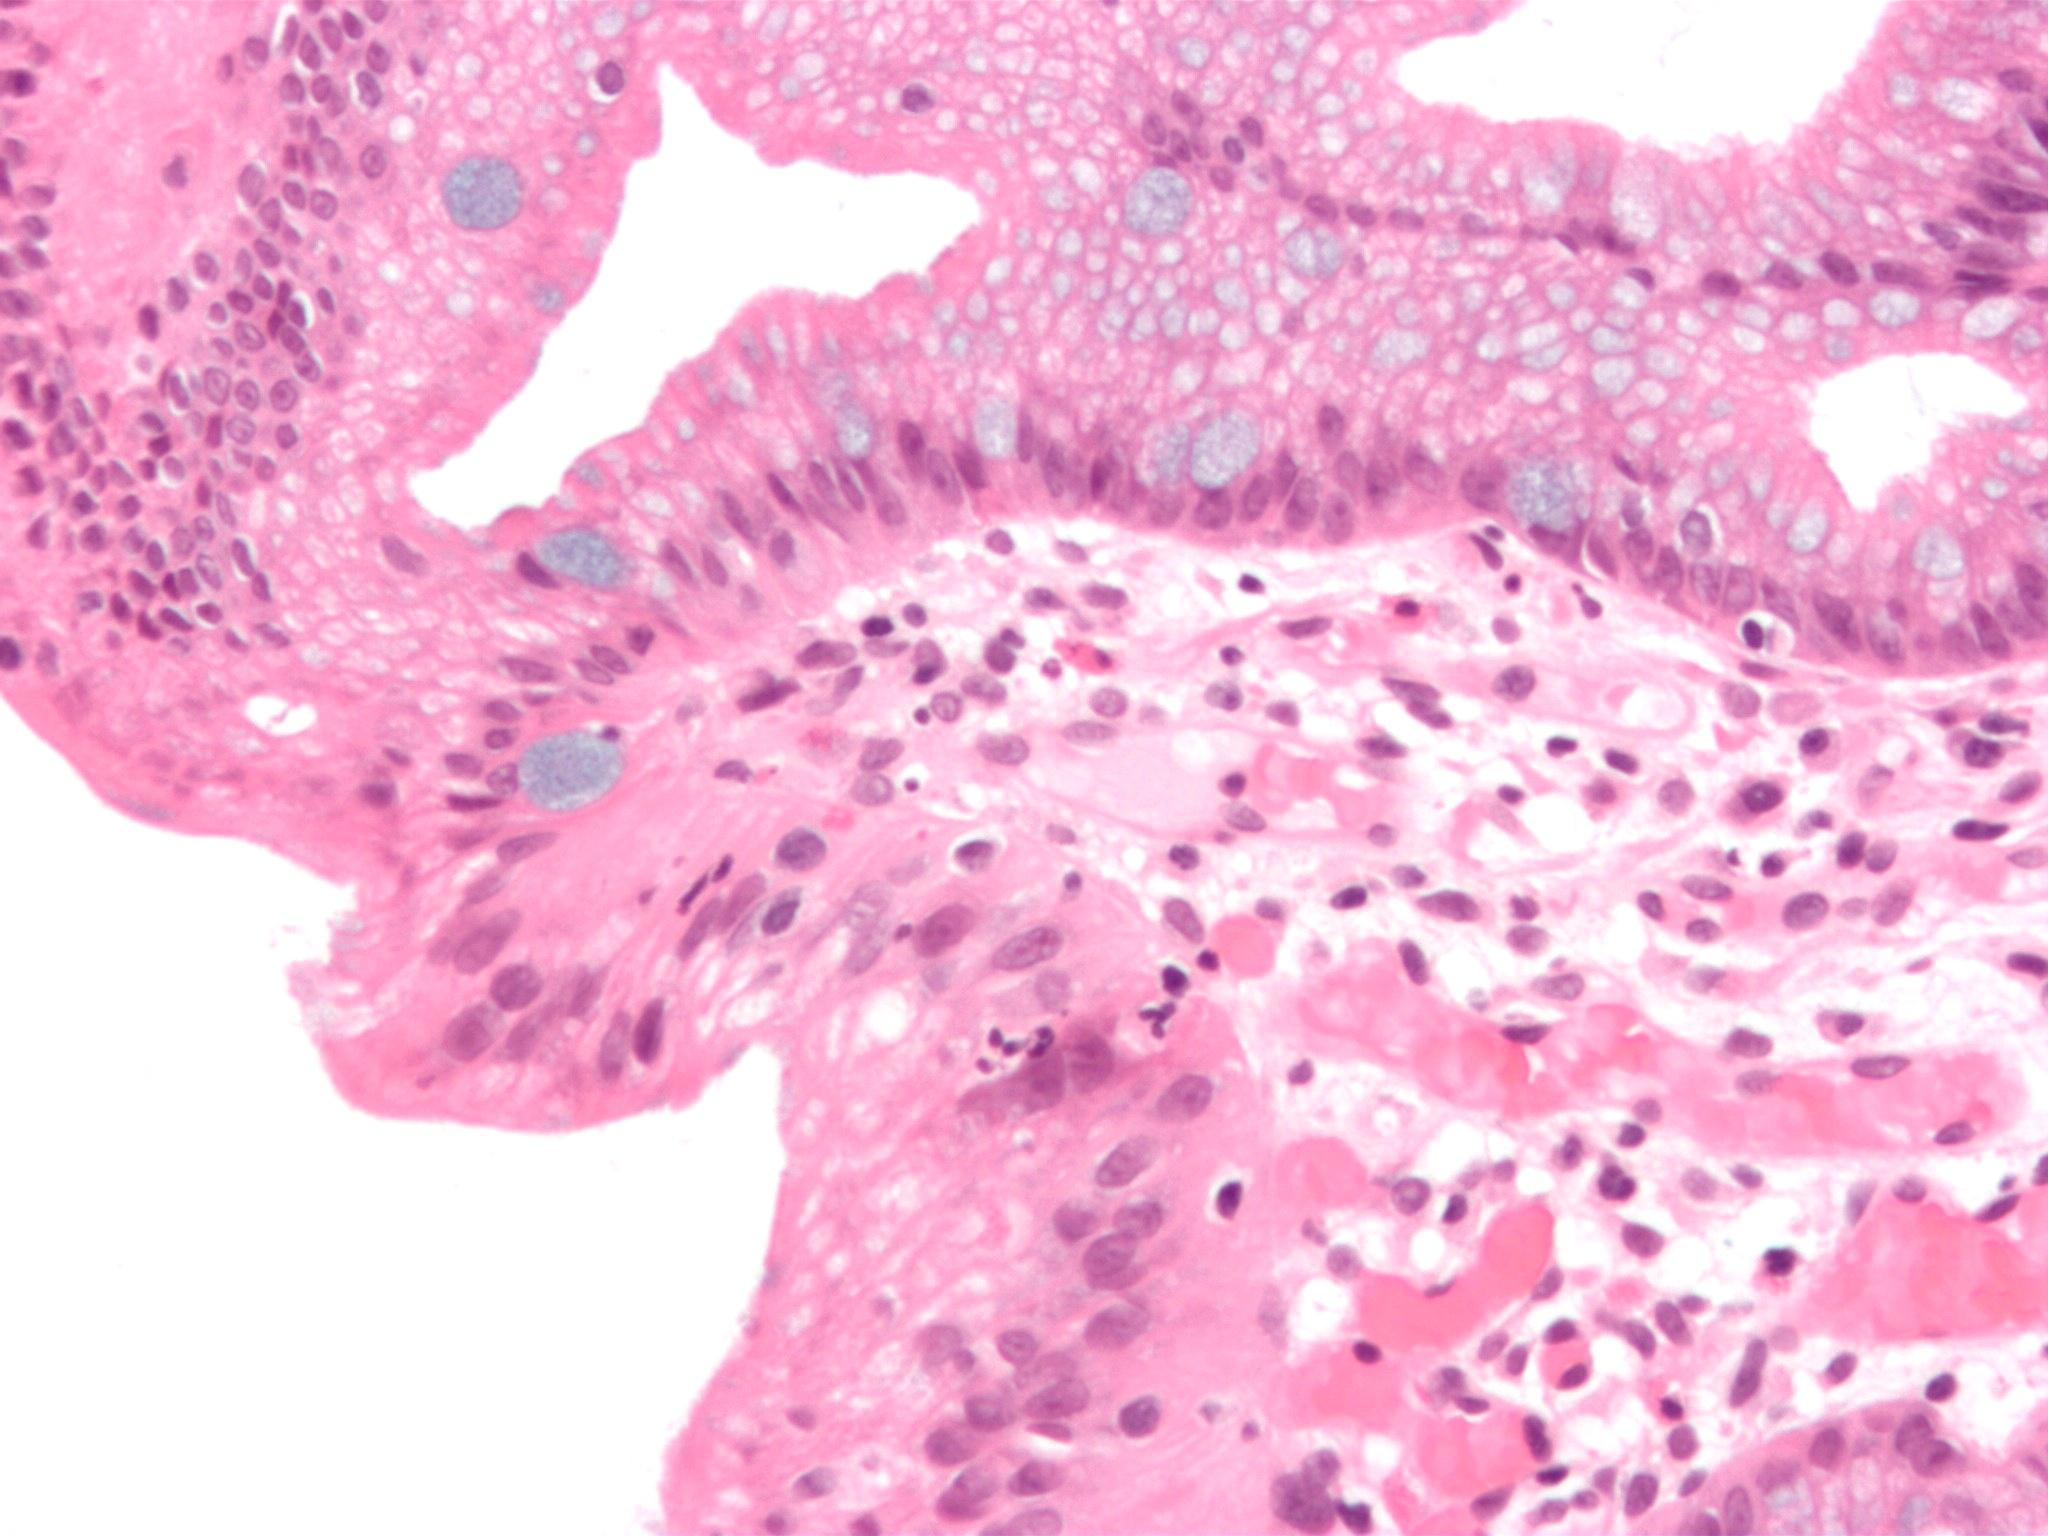 Image Result For Lung Cancer Risk